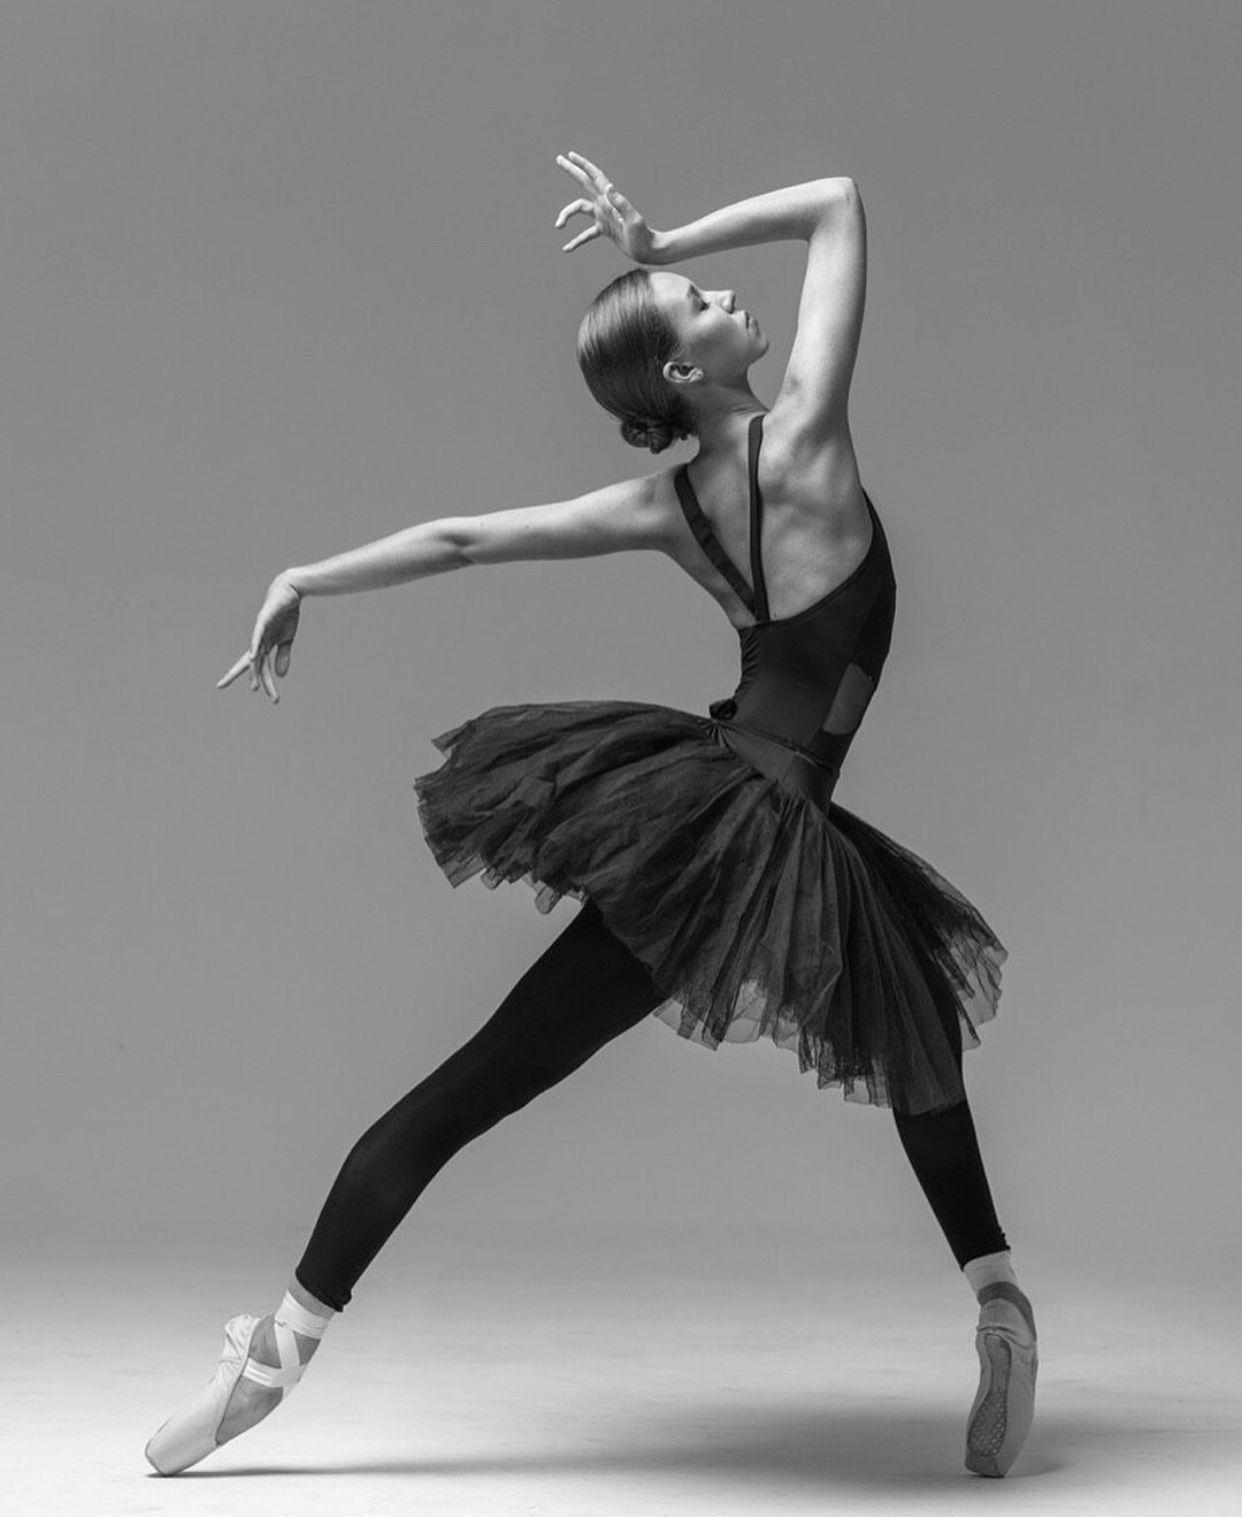 одной позы балерин для фотосессий кто уже